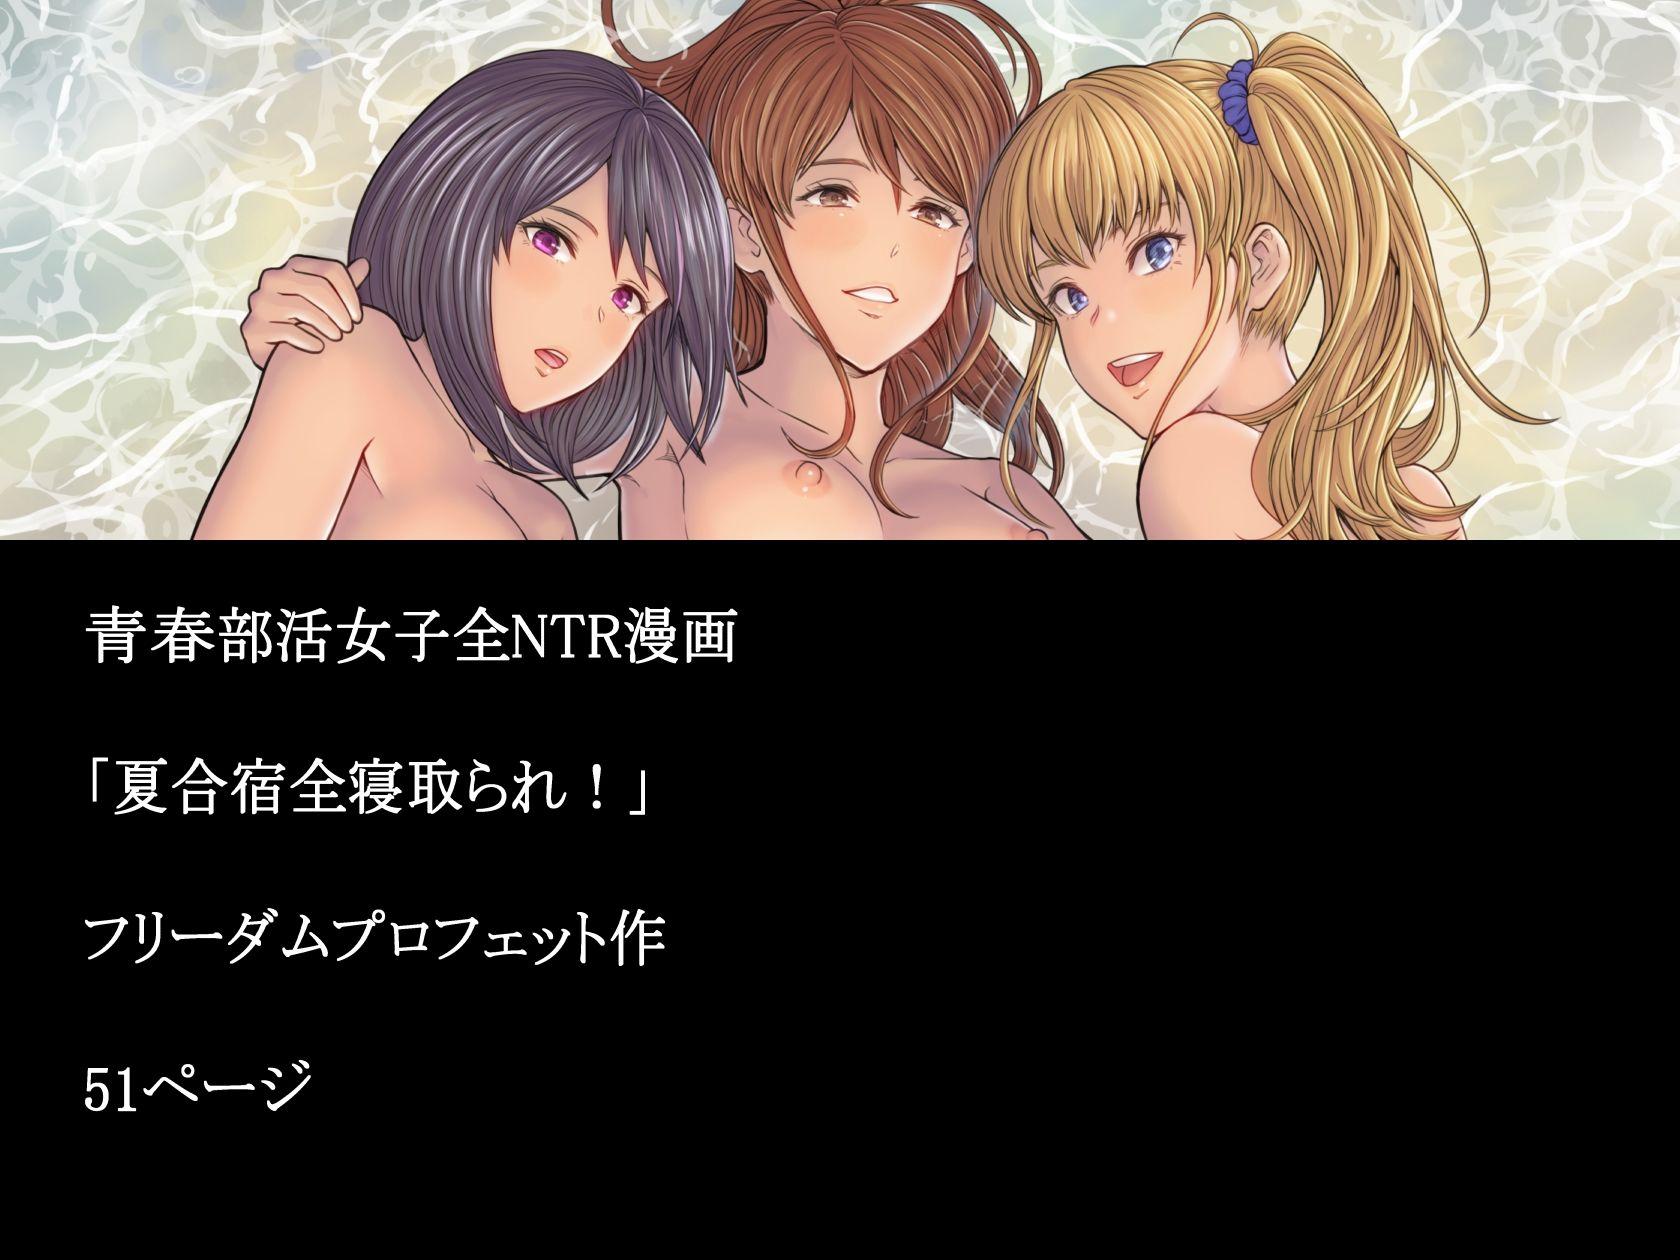 夏合宿全寝取られ!